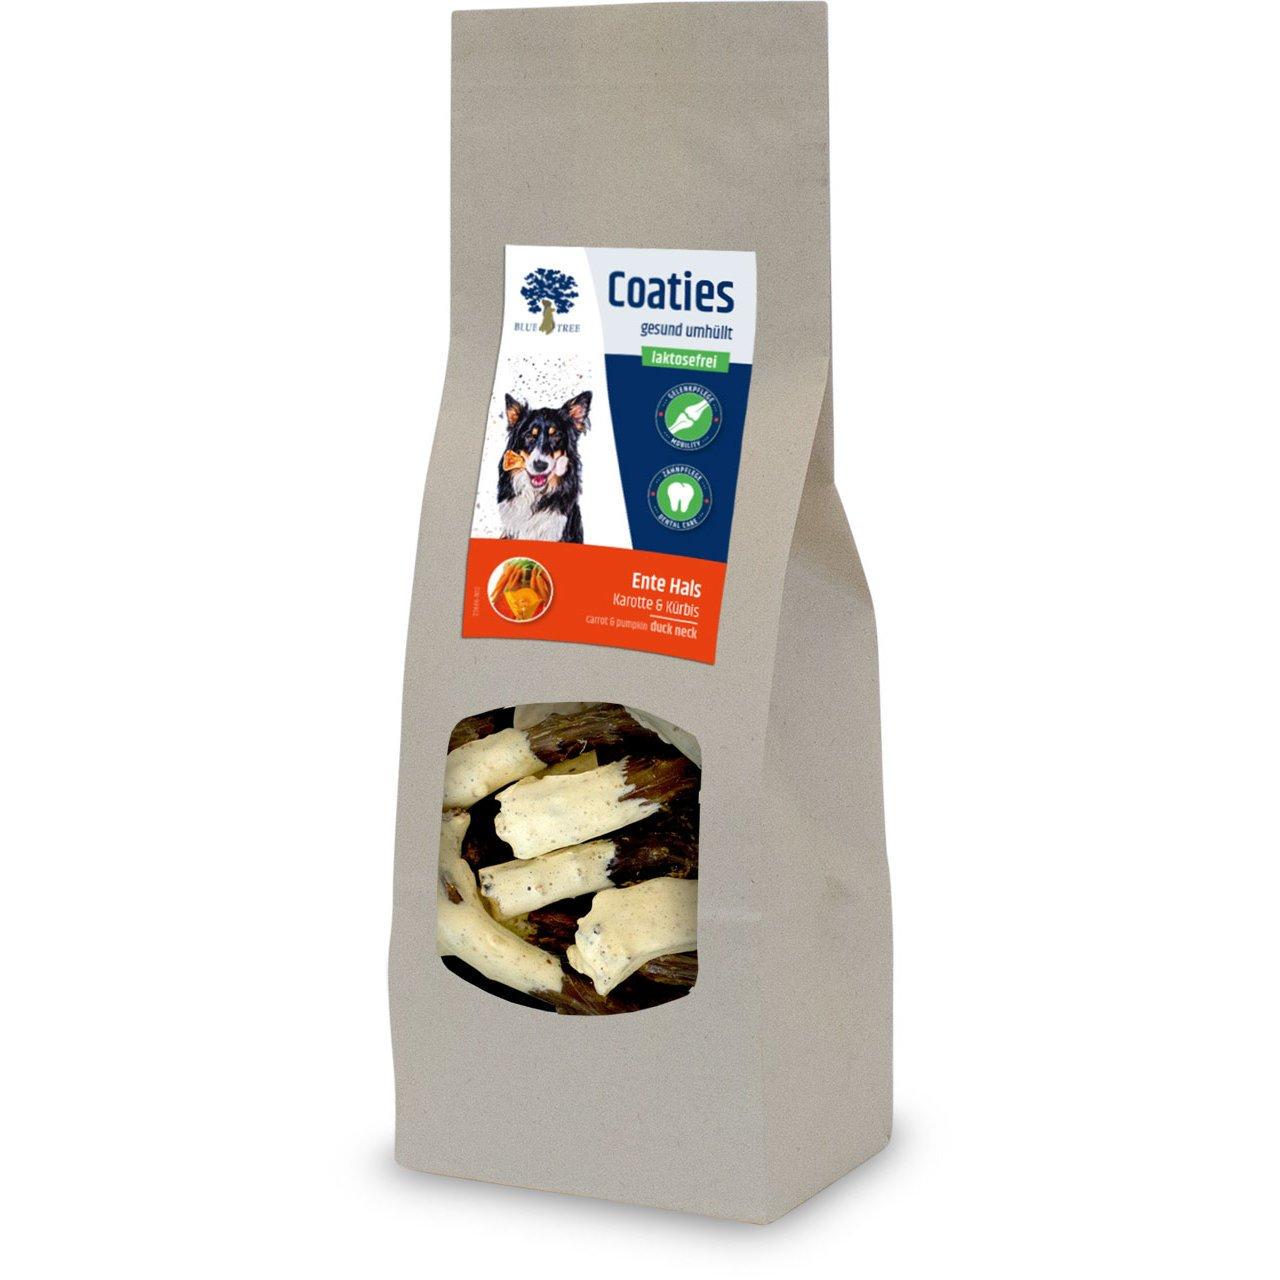 Blue Tree Coaties Hundekausnack mit laktosefreier Milch, Ente Hals 90g